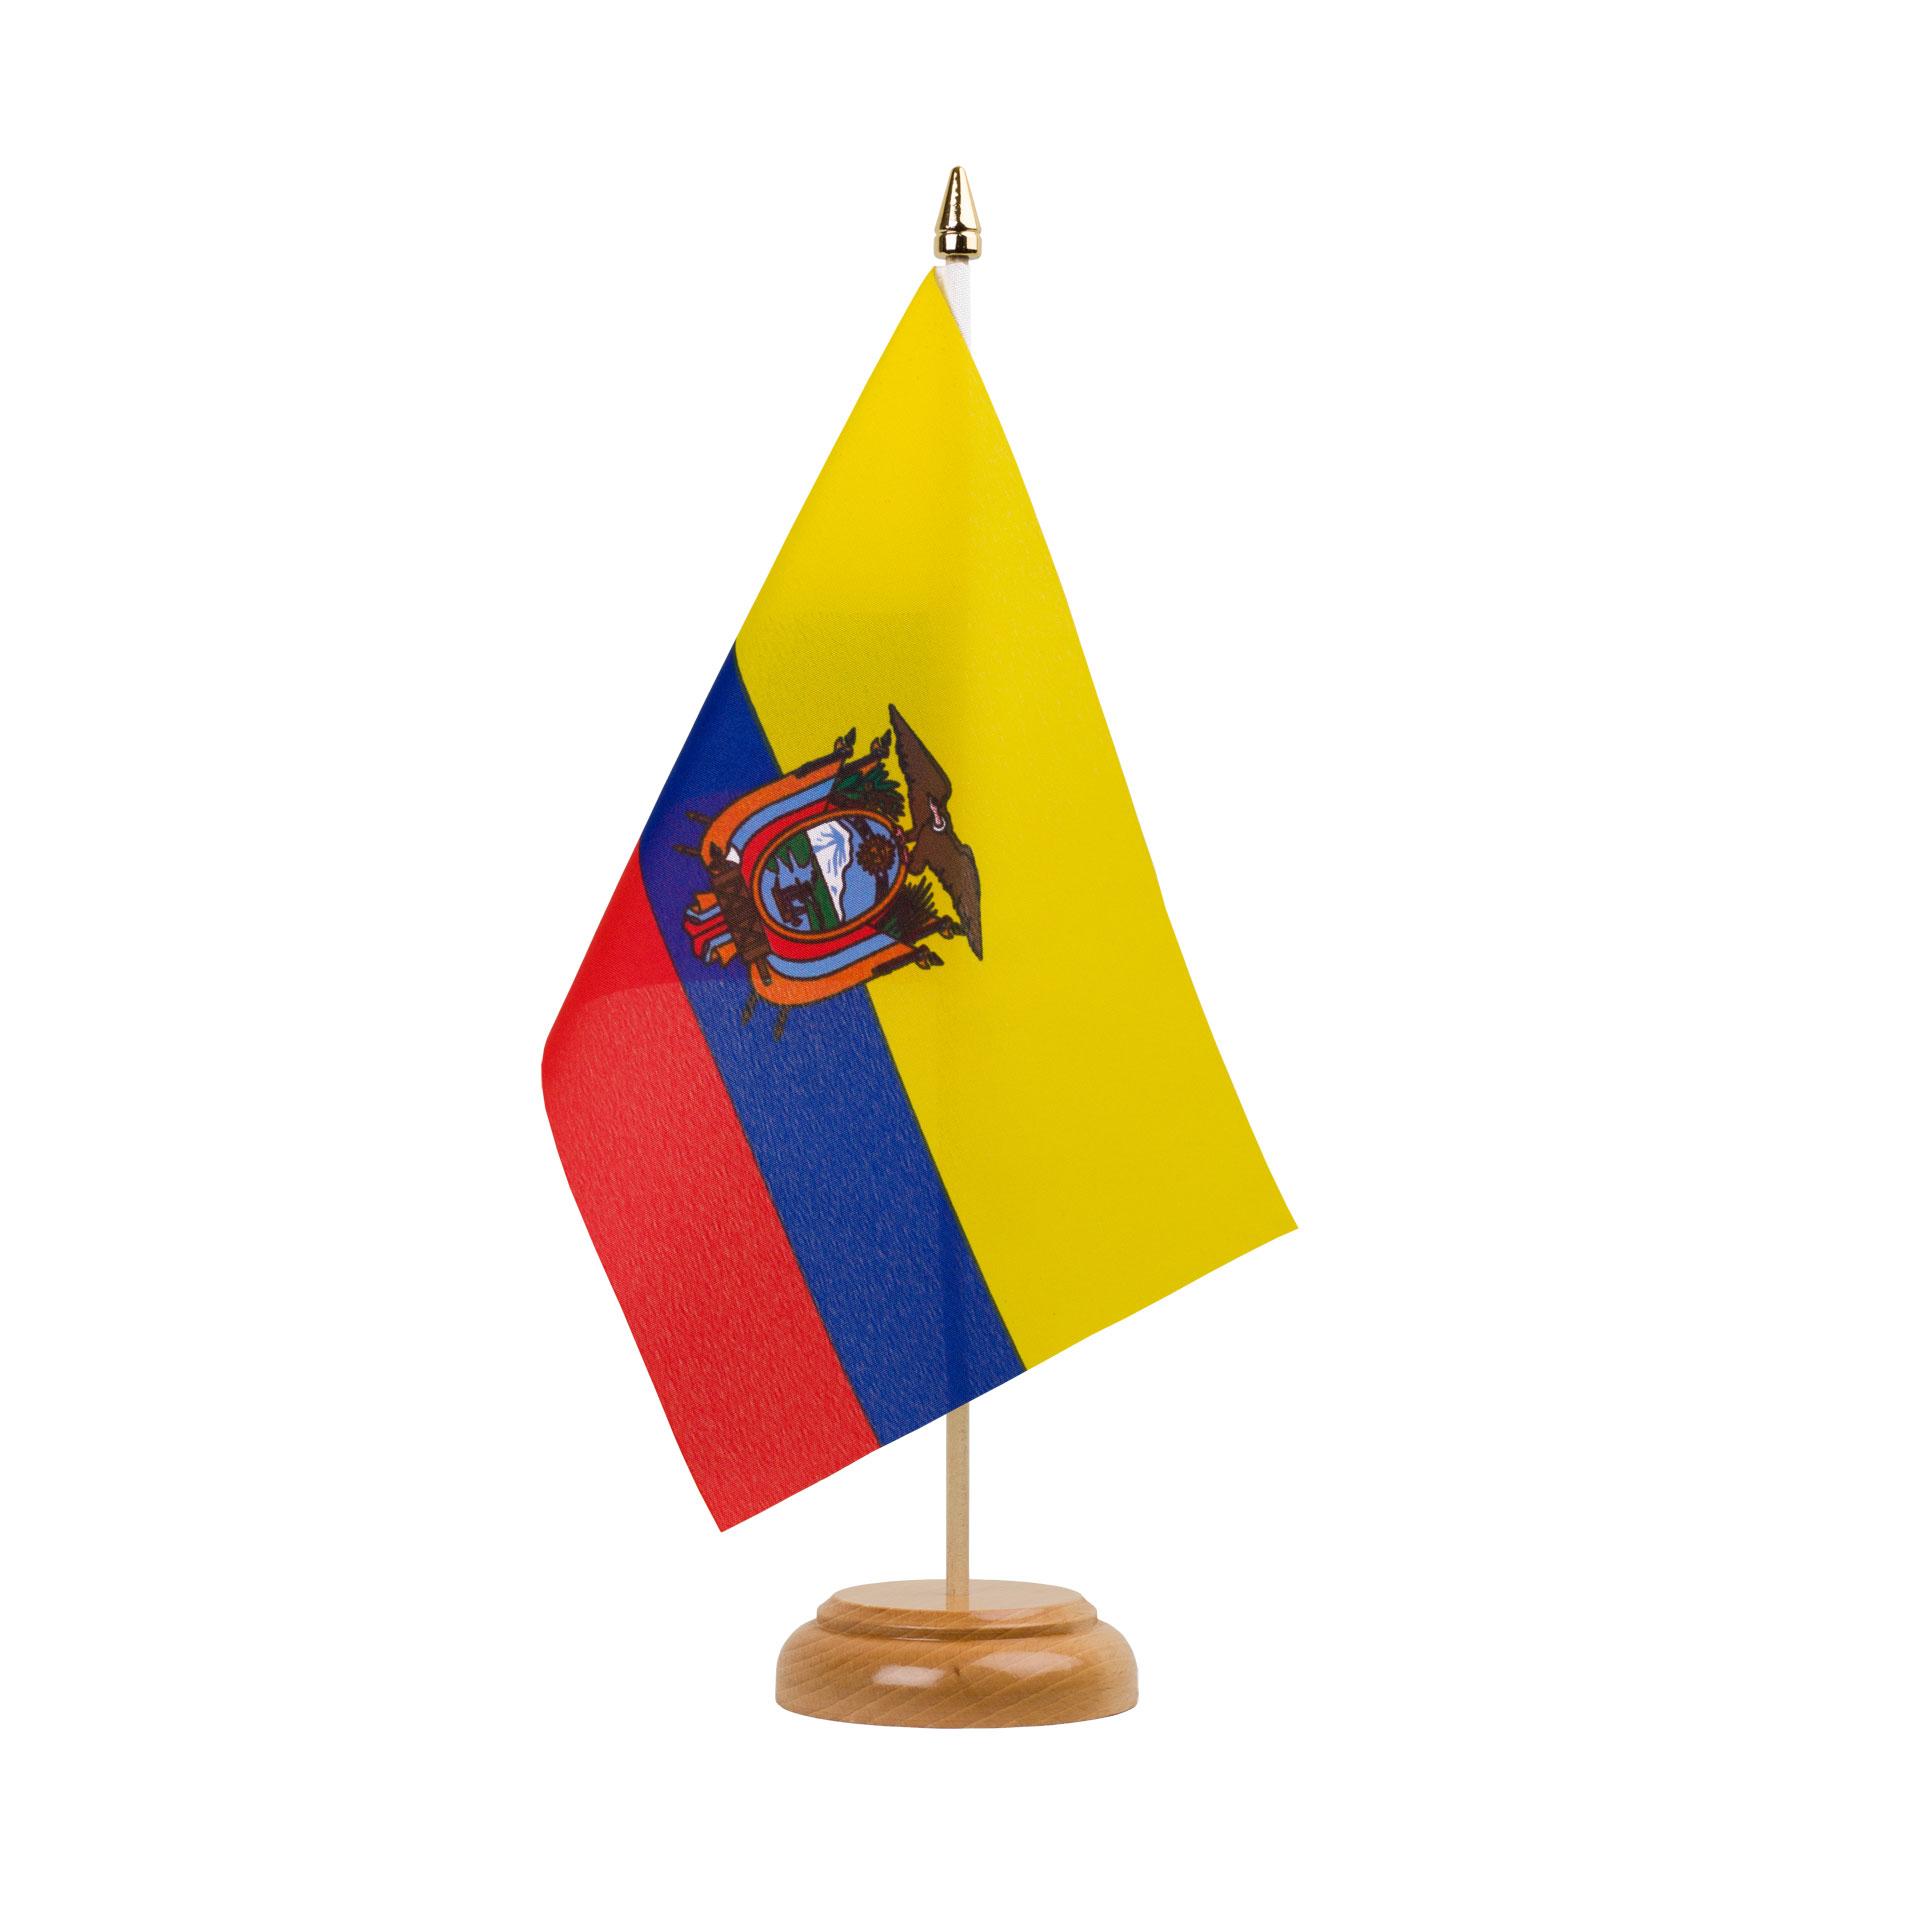 الإكوادور تُؤكد على تجميد مستويات الإنتاج تضامناً مع جهود الأوبك